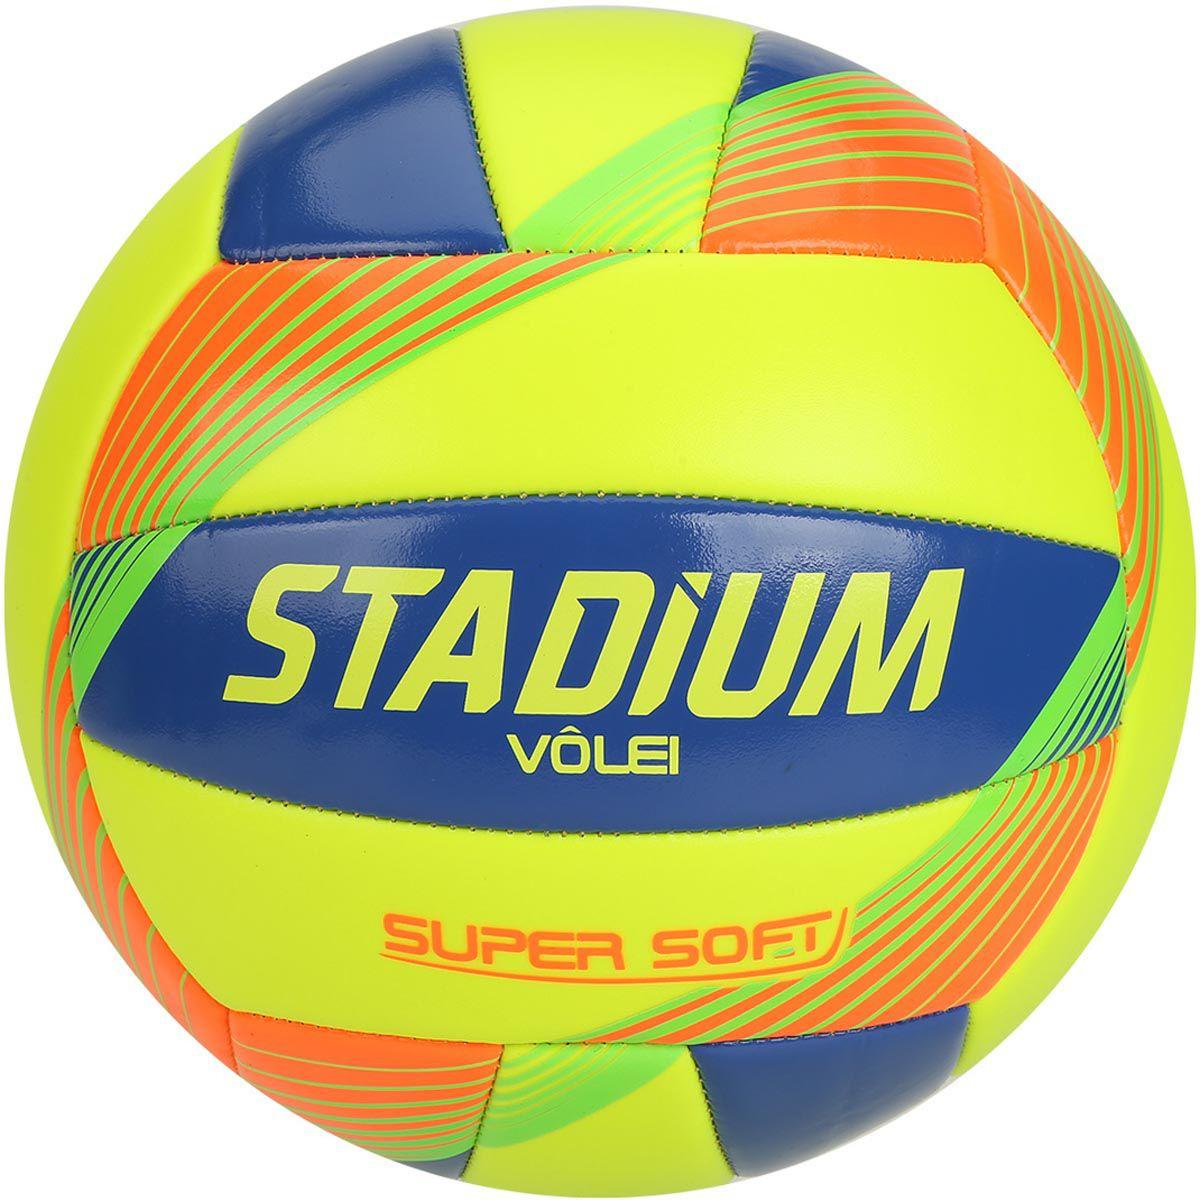 Bola de Volei Stadium Super Soft - Verde  - REAL ESPORTE